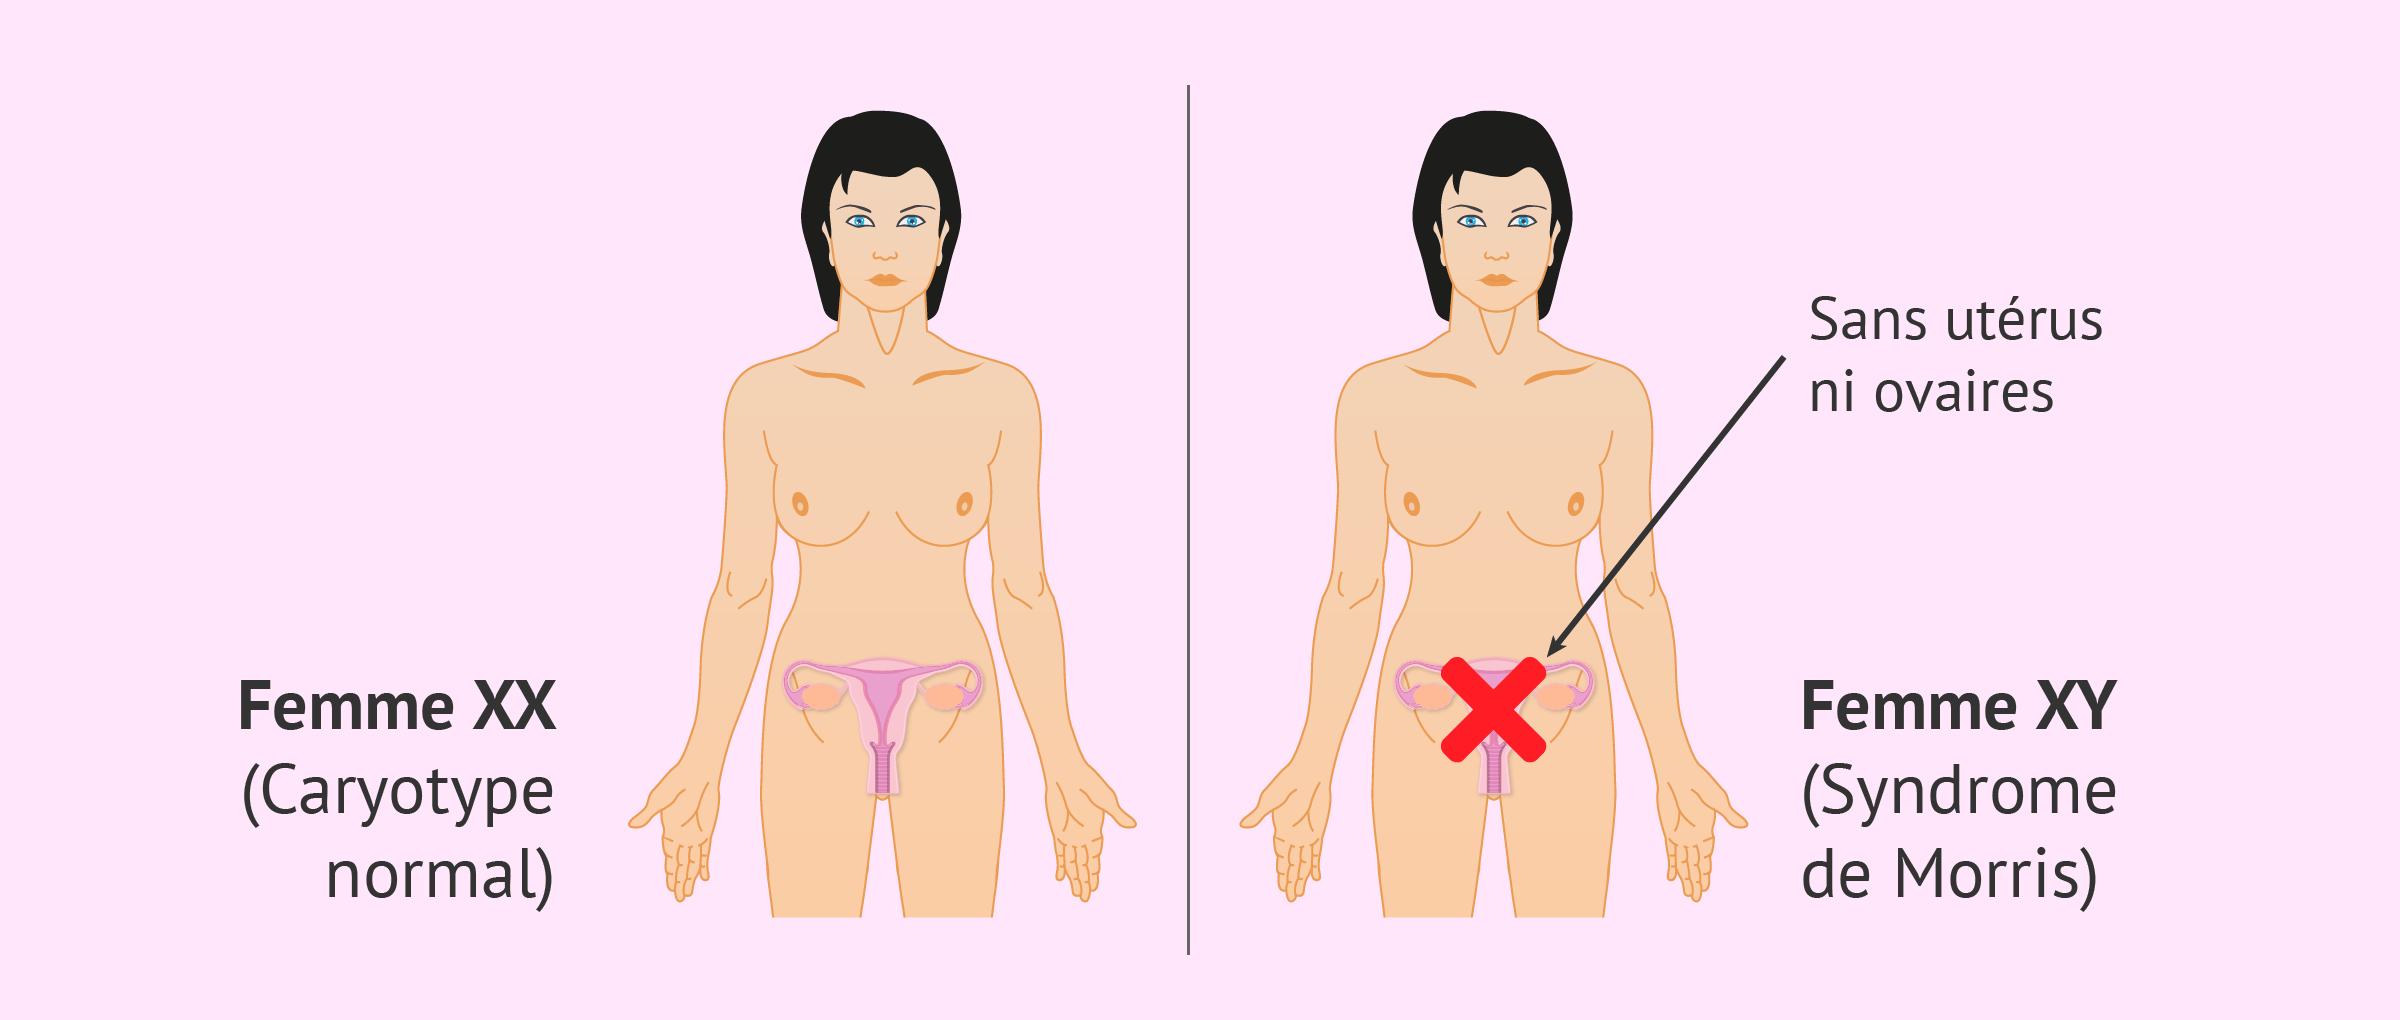 Caractéristiques de la femme atteinte du syndrome de Morris